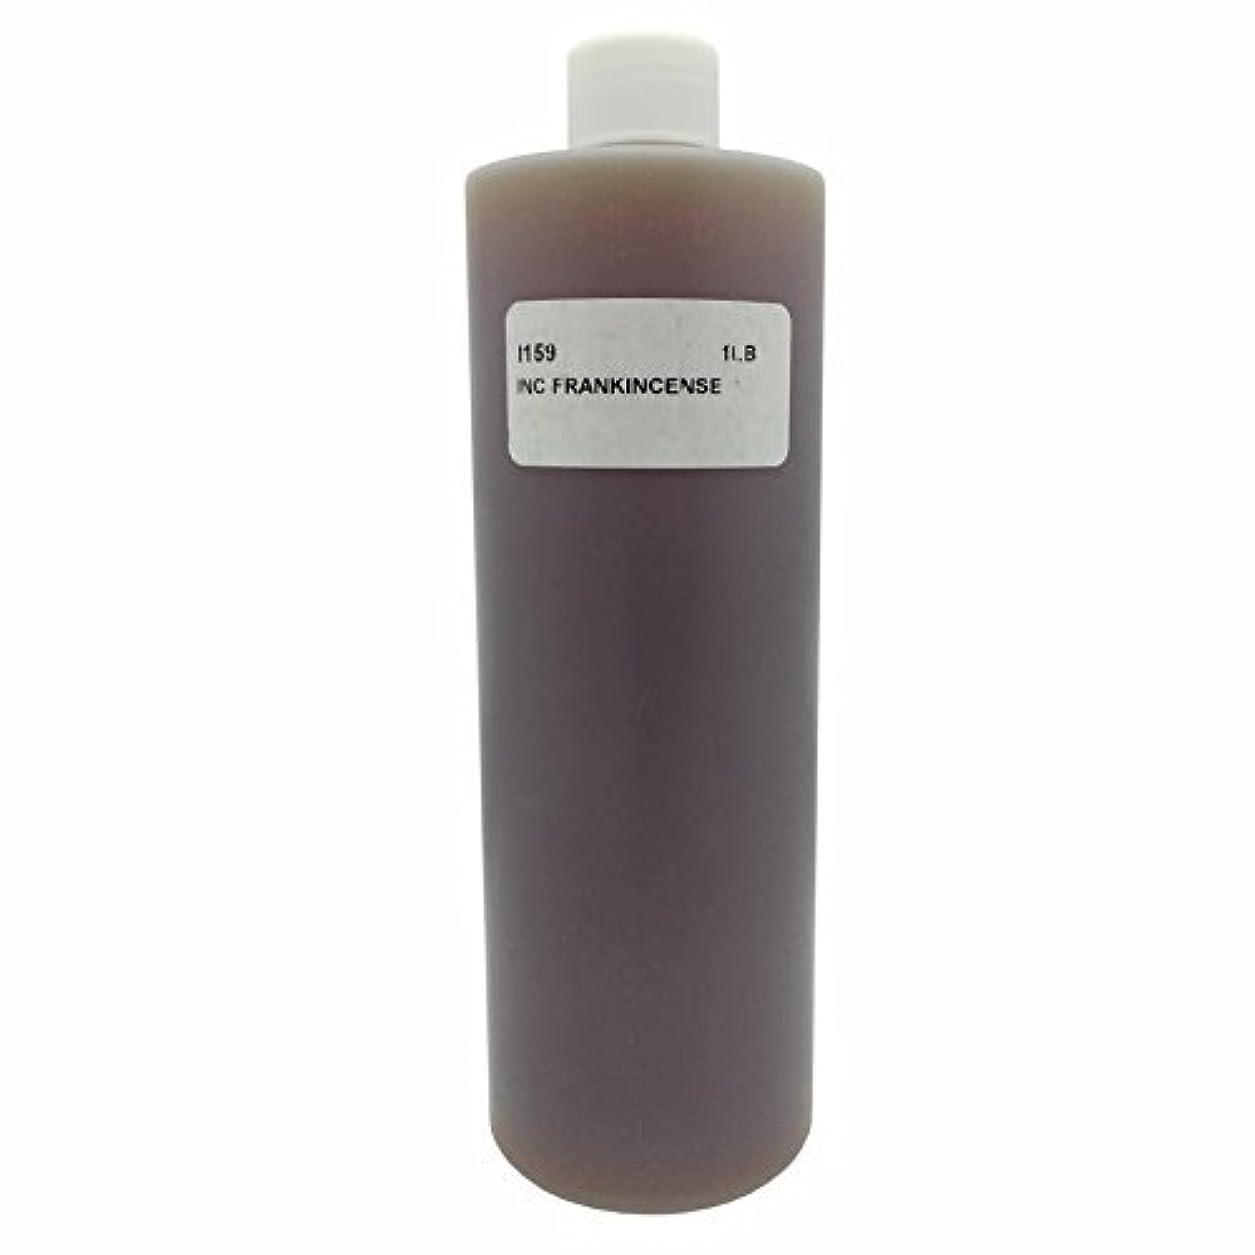 汚染された放課後問題Bargz Perfume – Frankincense Incenseオイル香りフレグランス